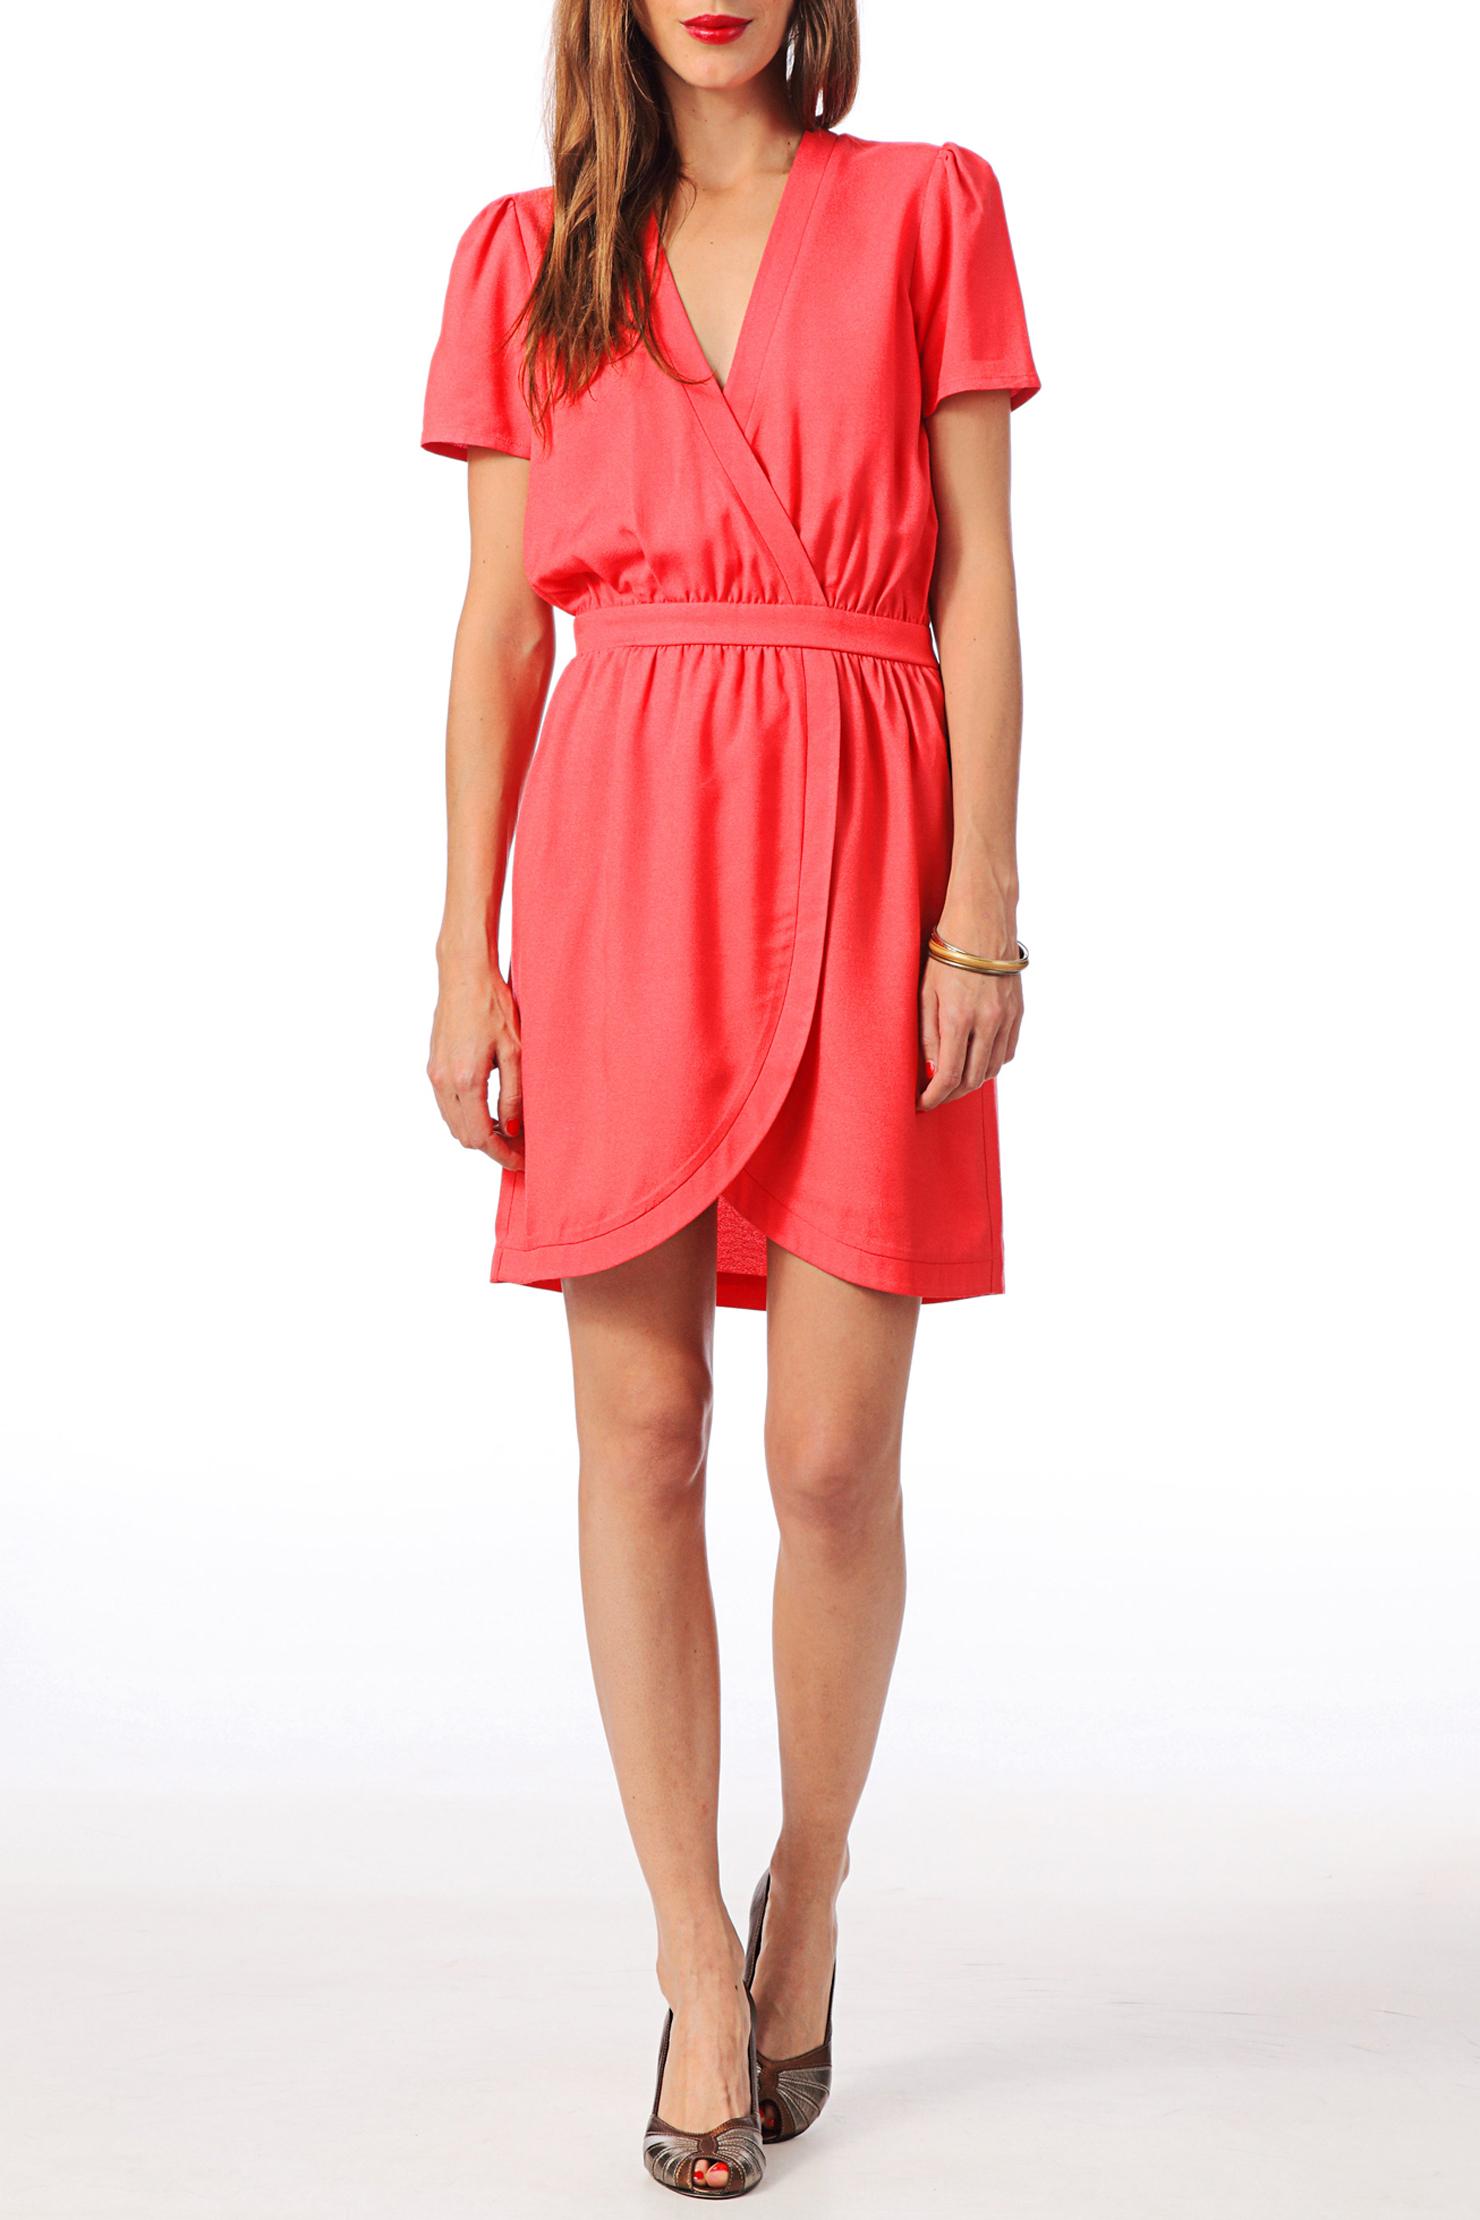 Vestidos color coral: gran tendencia para este verano | Vestidos Glam